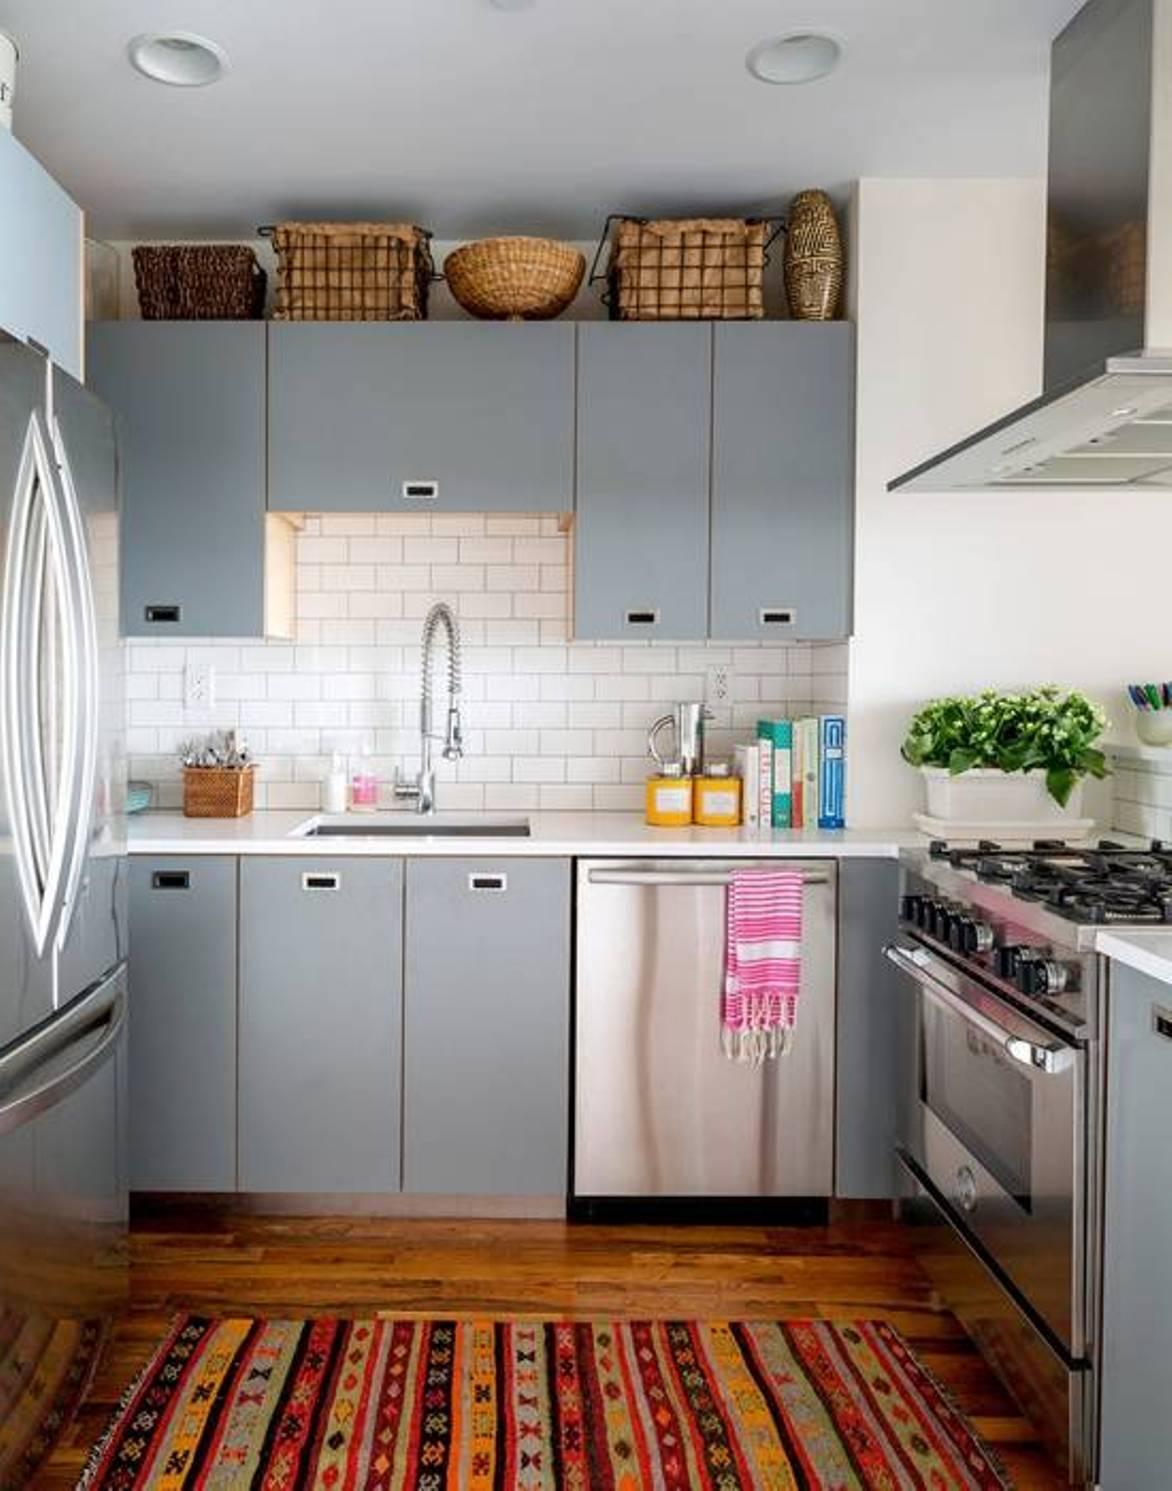 بالصور ديكور المطبخ , احدث ديكورات المطبخ 2217 8